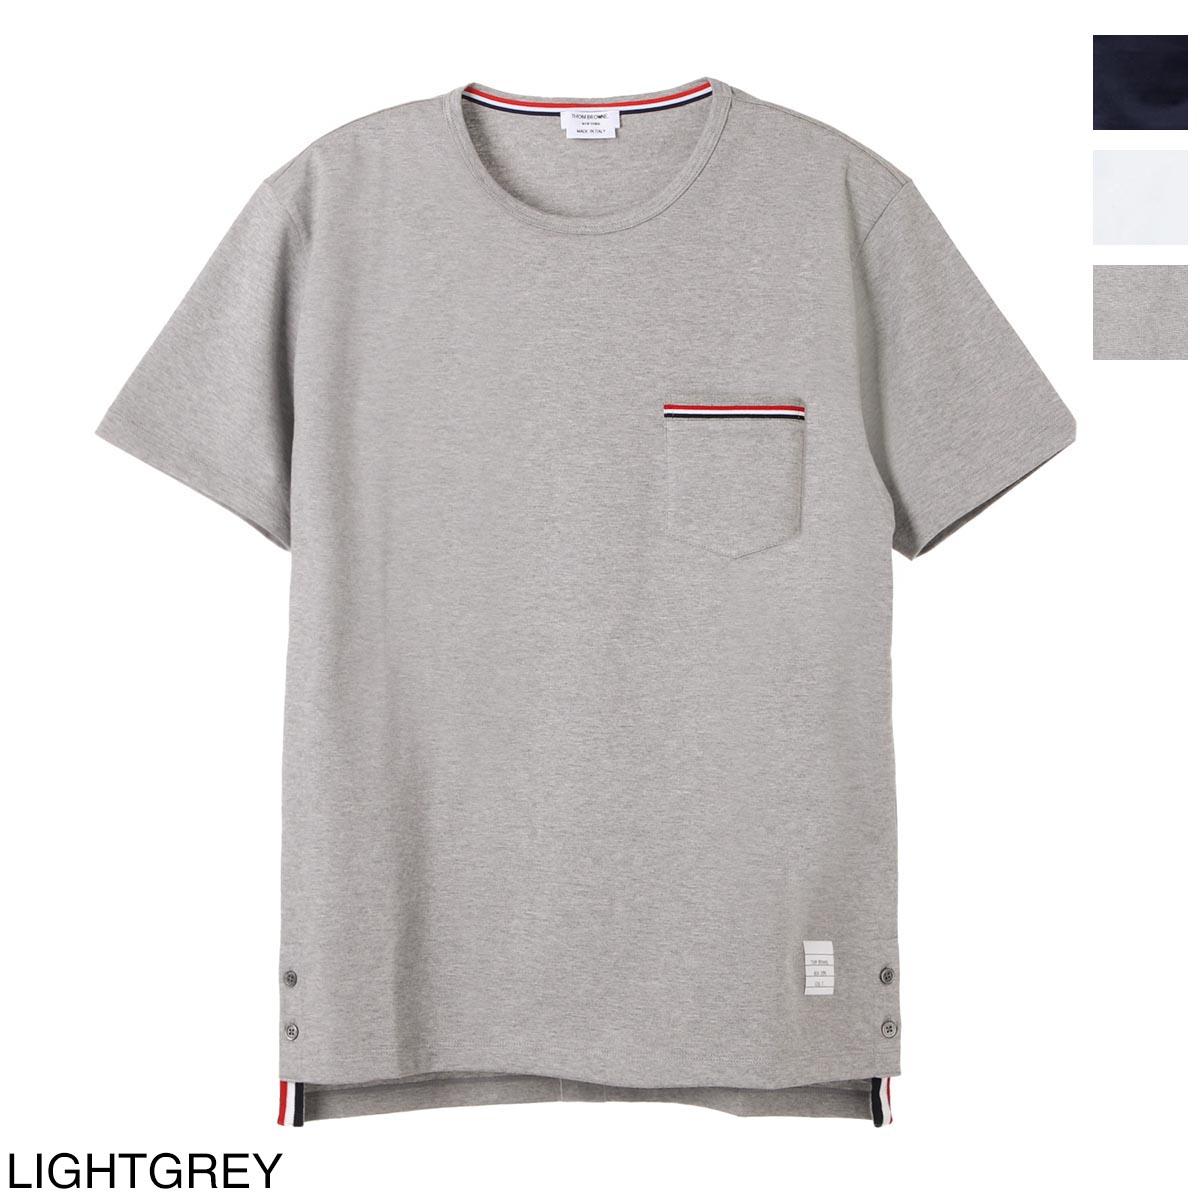 トップス, Tシャツ・カットソー  THOM BROWNE. T mjs010a 01454 415 SS POCKET TEE IN MEDIUM WEIGHT JERSEY COTTON